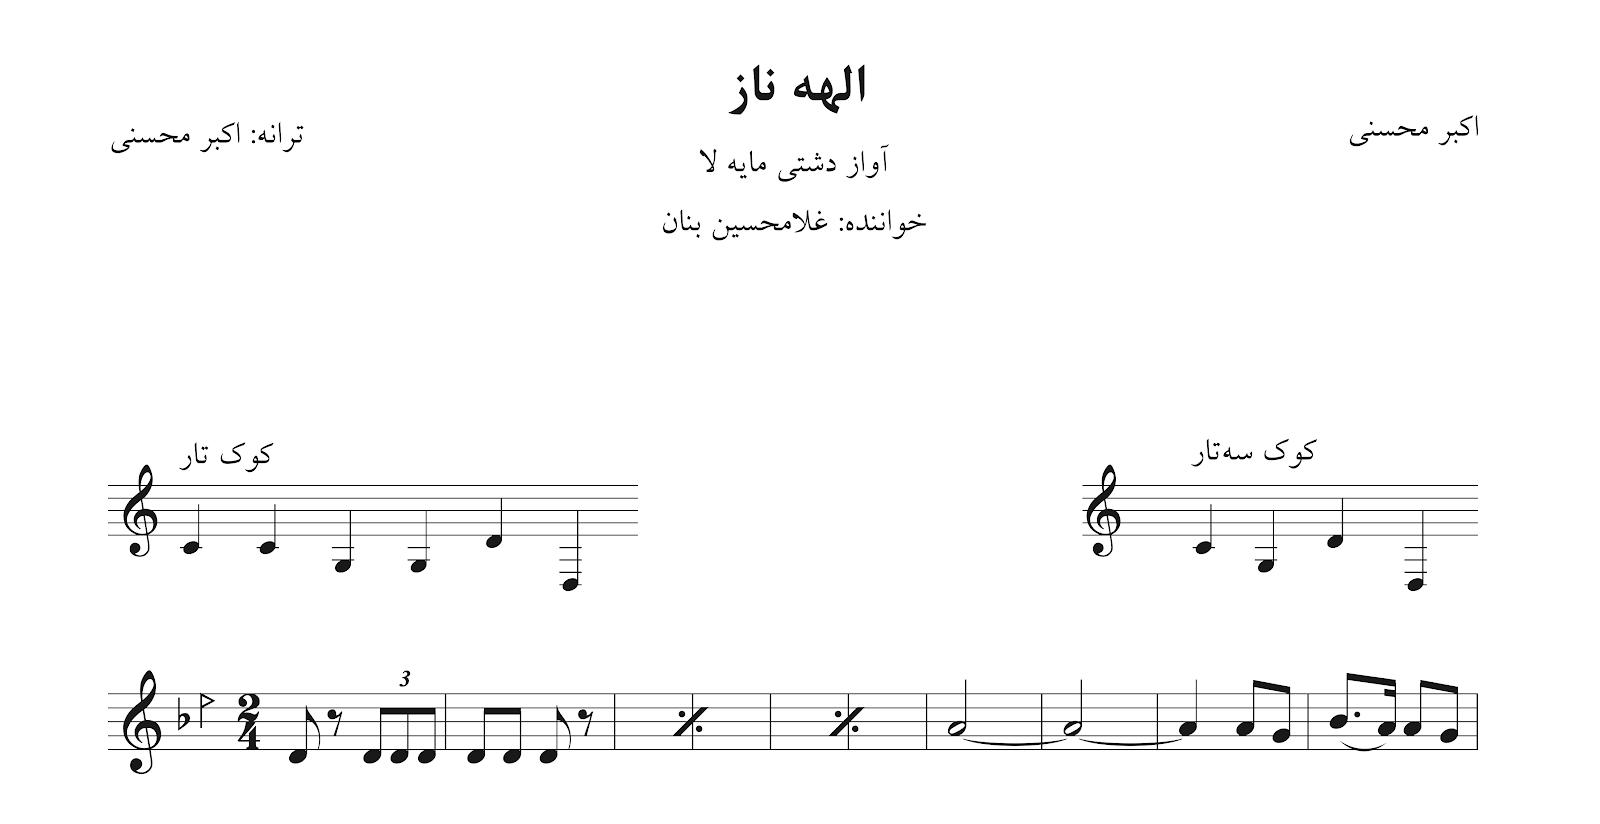 نت و آهنگ الهه ناز اکبر محسنی